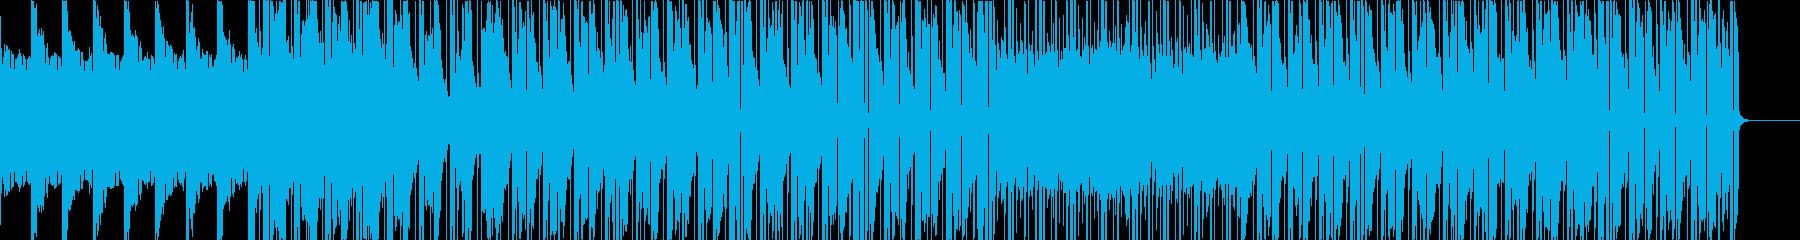 お洒落なピアノインストゥルメントの再生済みの波形